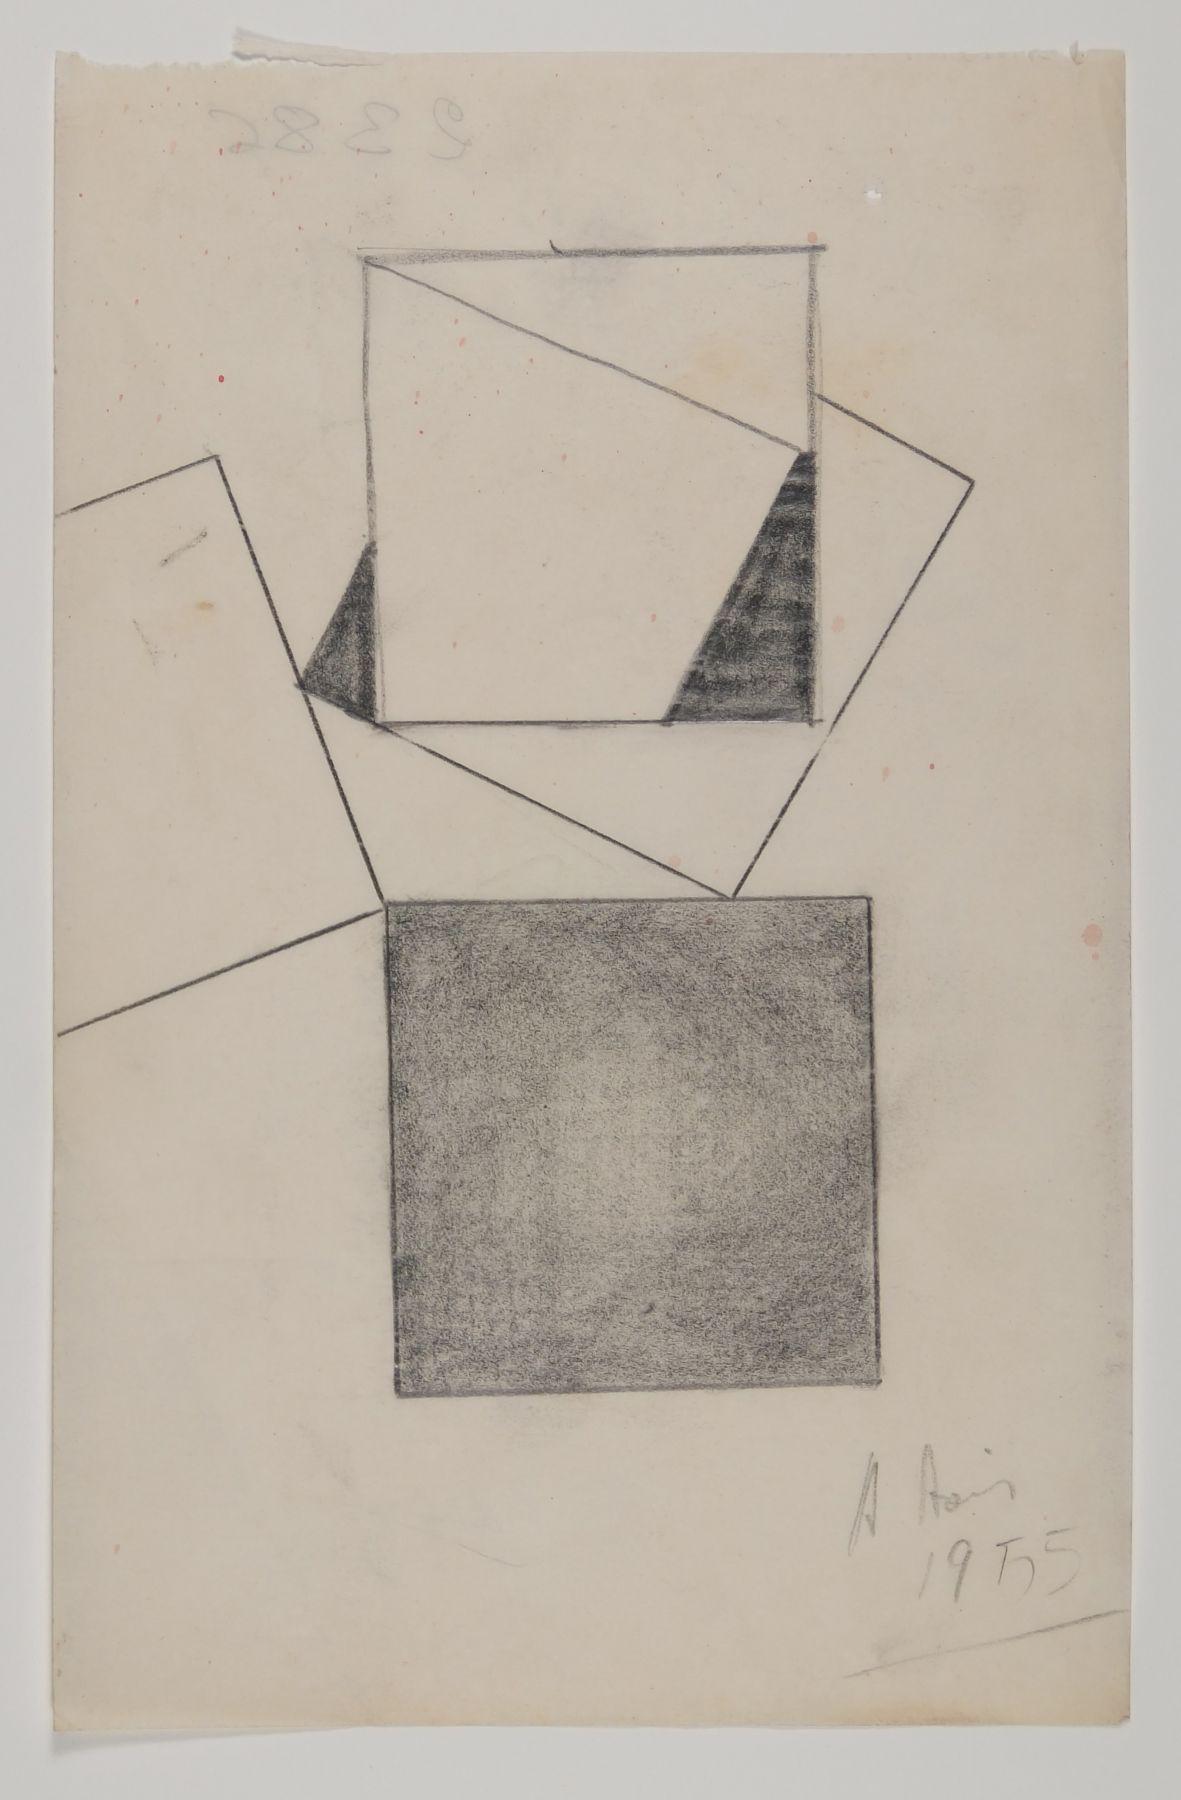 Antonio Asis,Esquisse, 1955,Graphite on paper,5 3/8 x 8 1/4 in. (13.7 x 20.9 cm.)